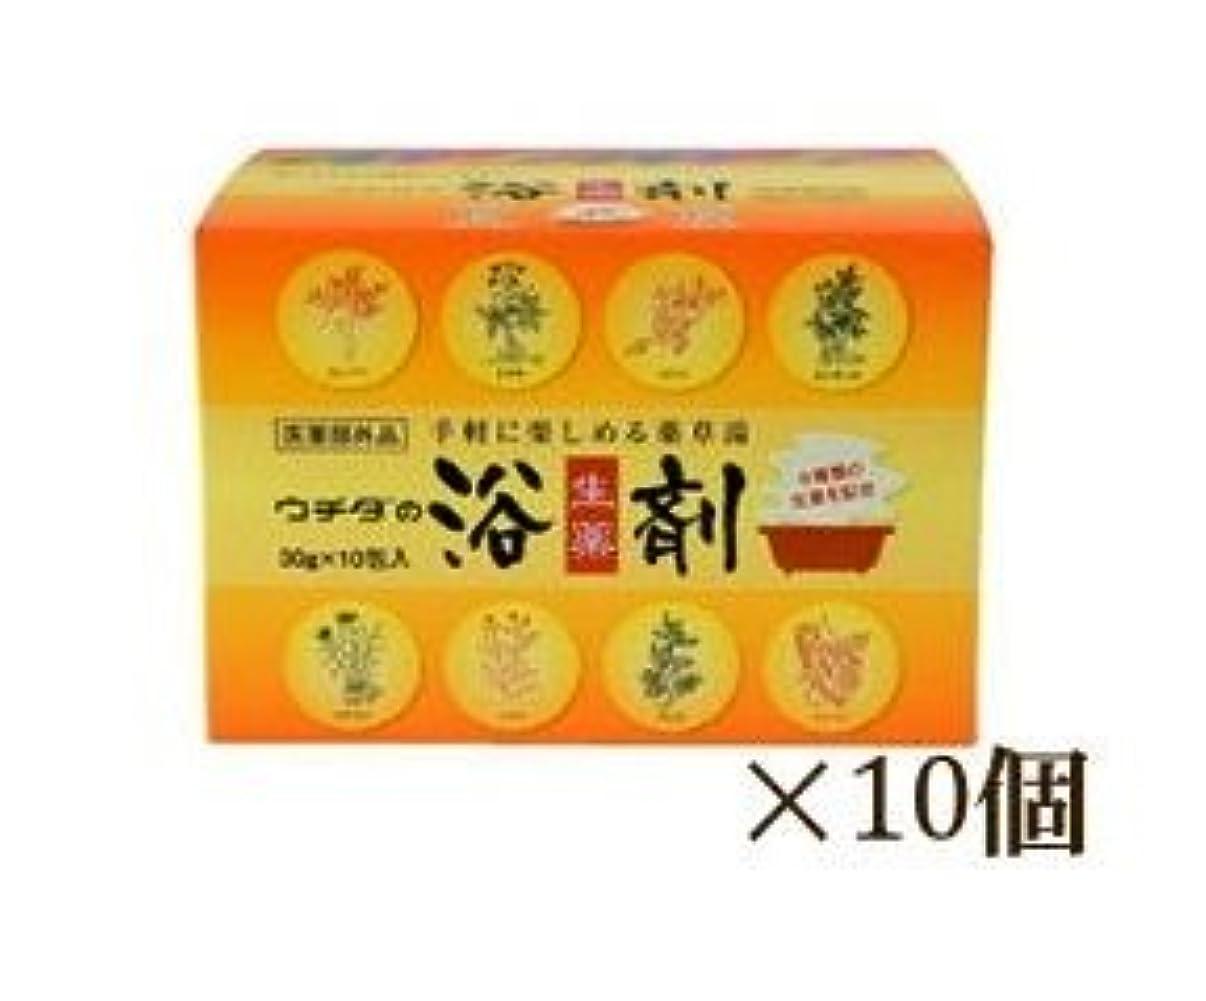 ボトルネック活気づけるダウンウチダの生薬浴剤 10箱セット (1箱30g×10包) 医薬部外品